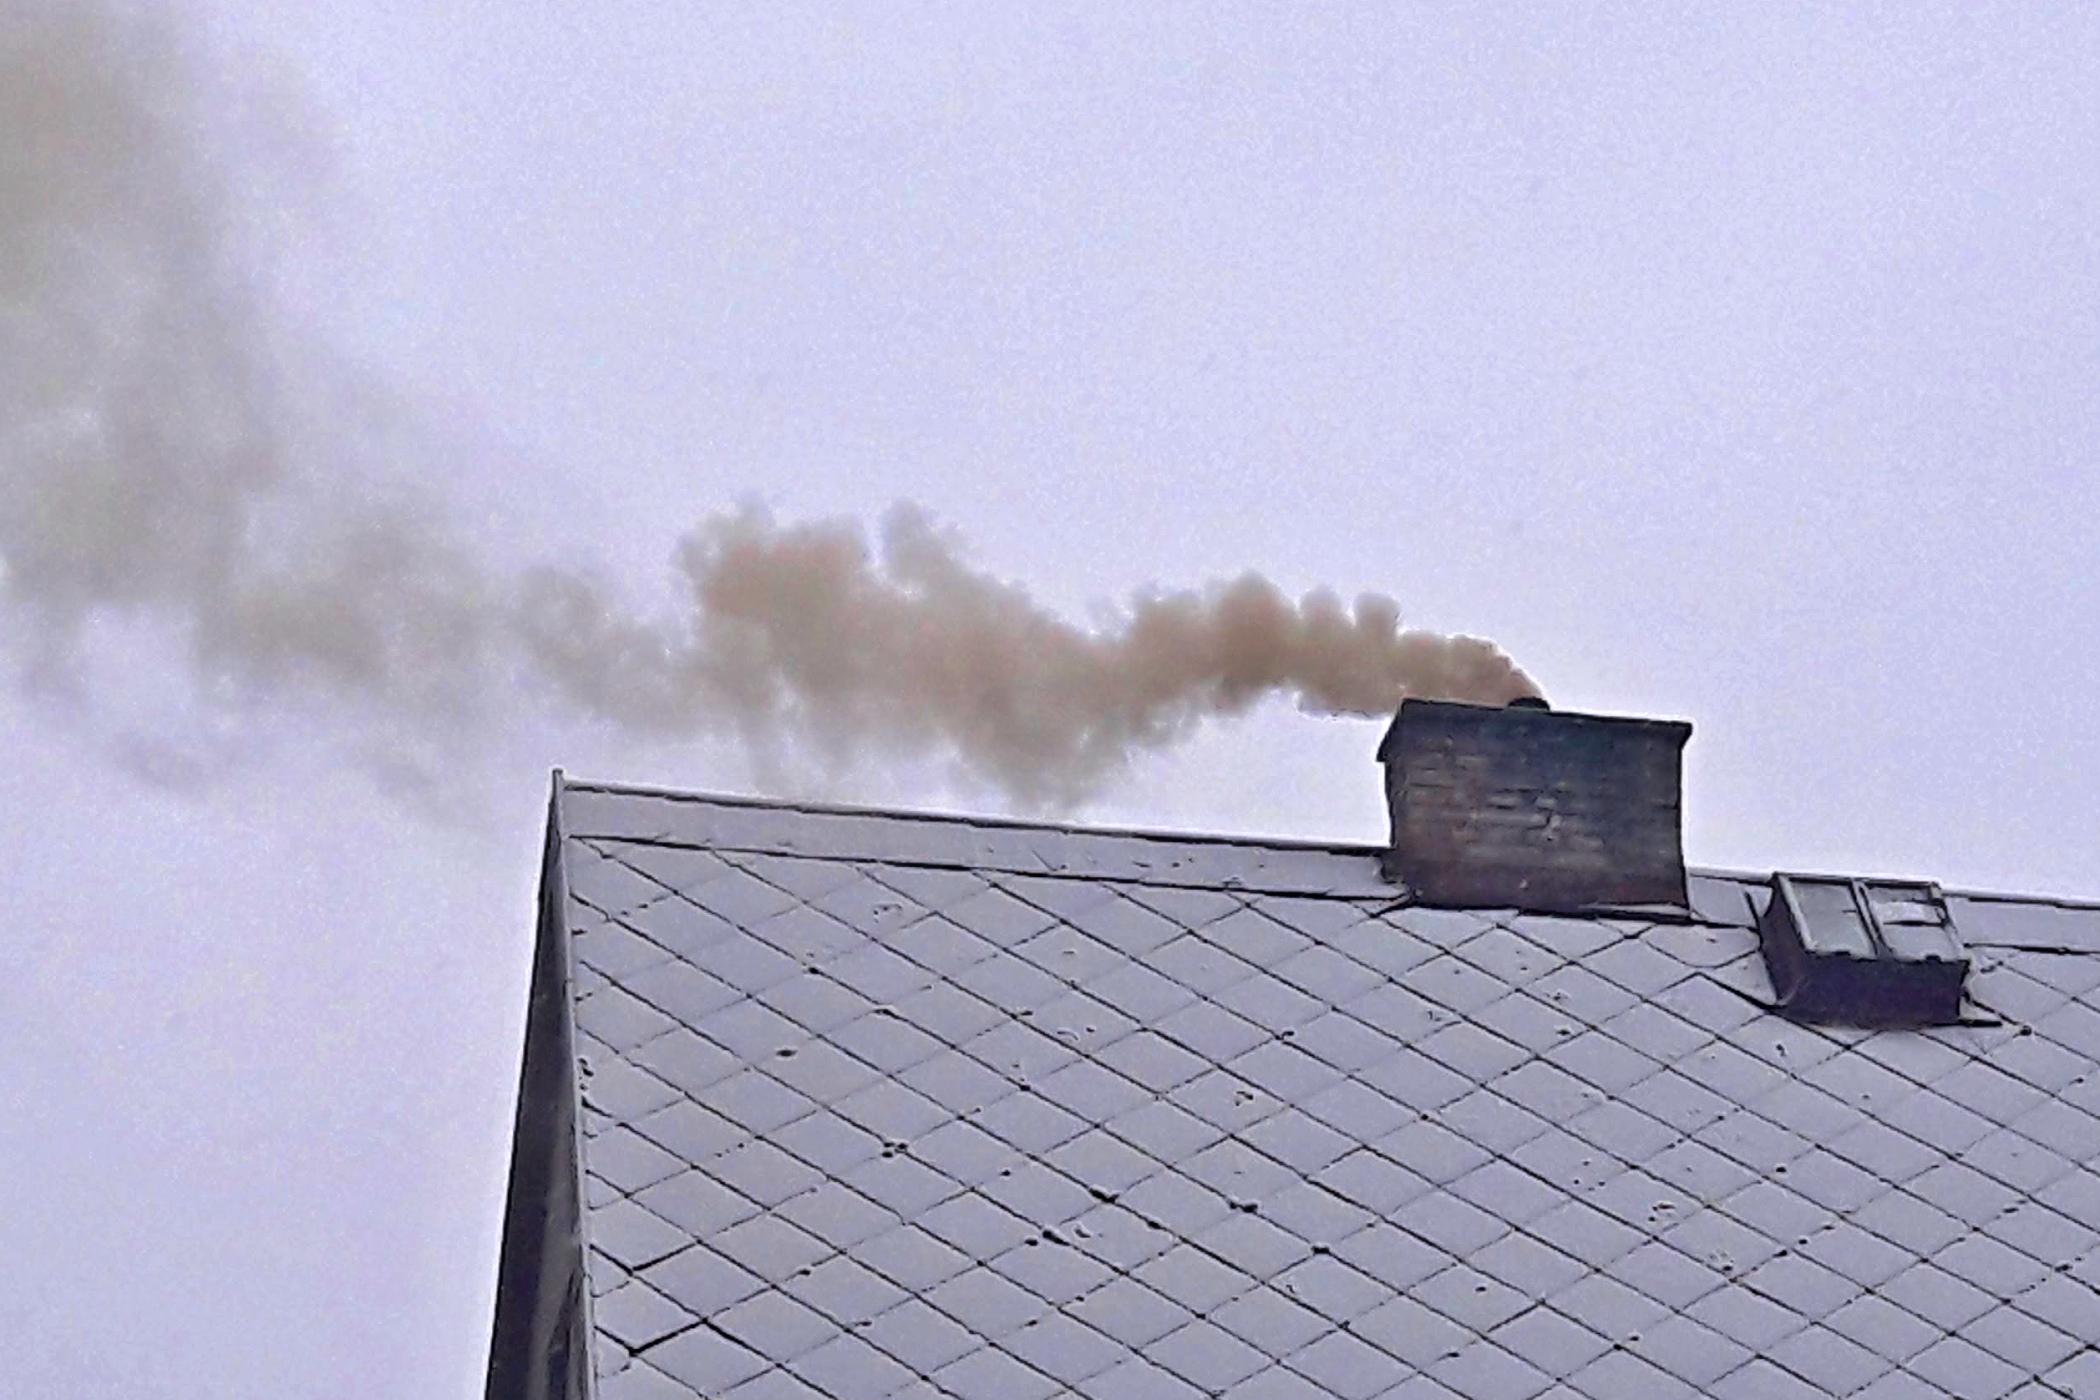 Kouřící komín (ilustr. foto)